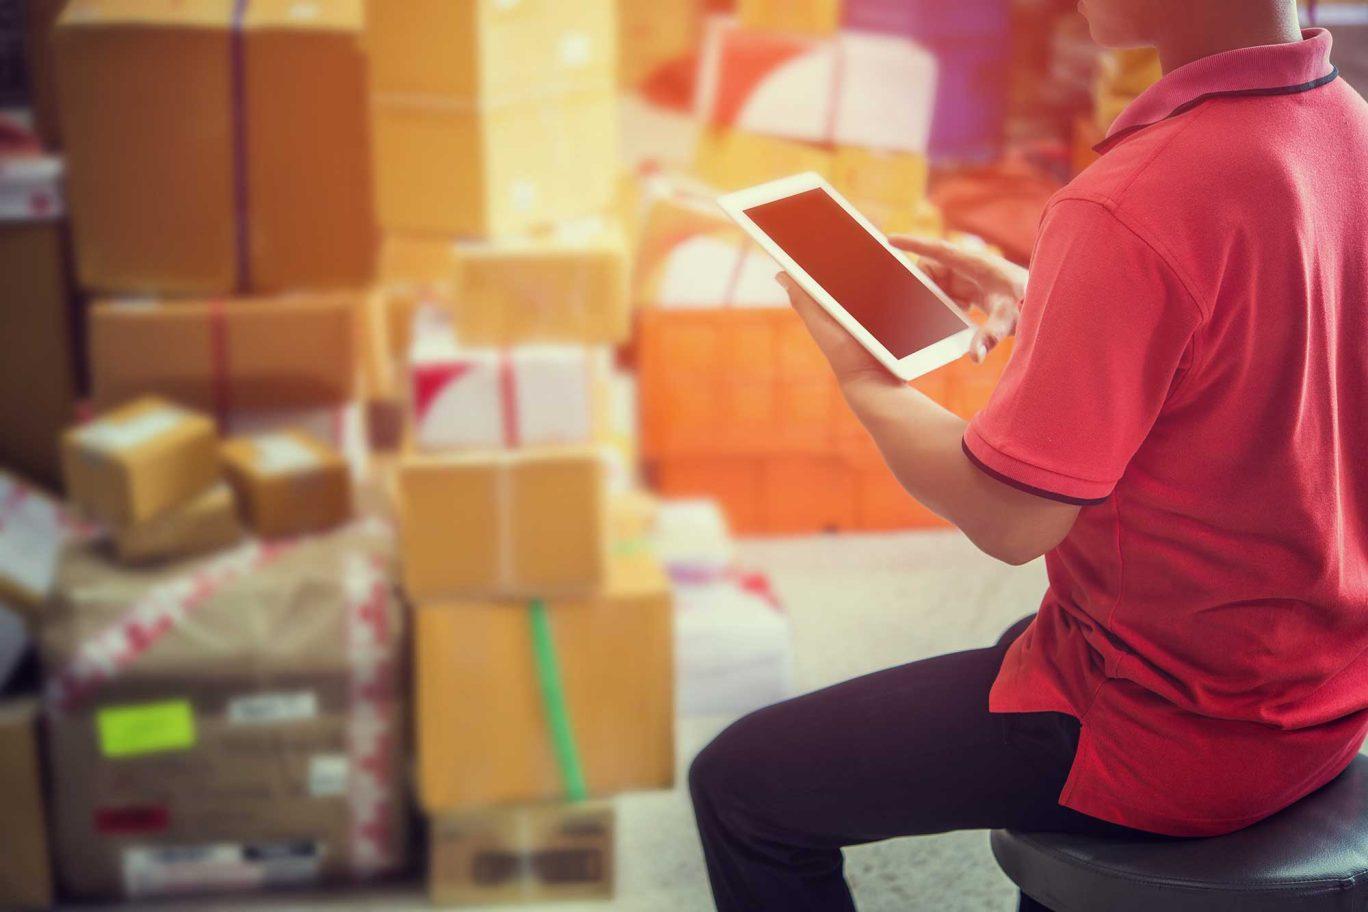 【軽減税率】お店での在庫管理はどのように工夫・変更する?